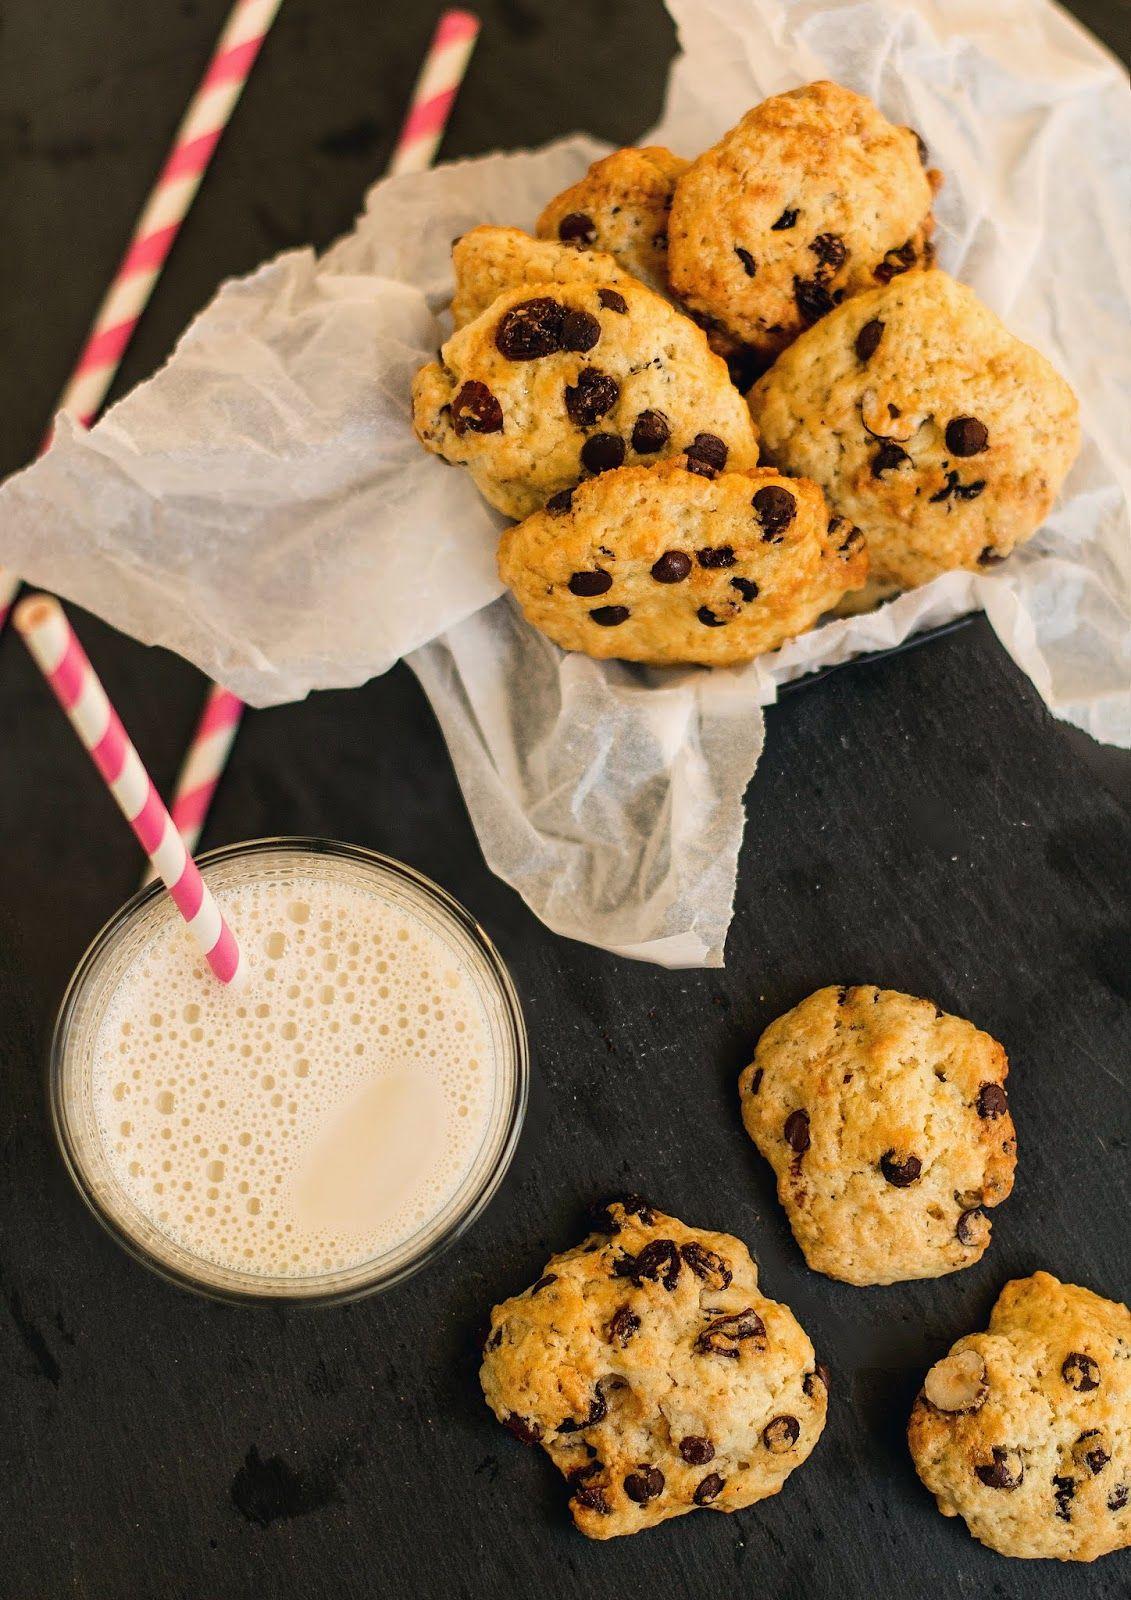 Mniumniu Kuchnia Roslinna Weganskie Miekkie Ciastka Z Czekolada Orzechami I Rodzynkami Food Desserts Cookies